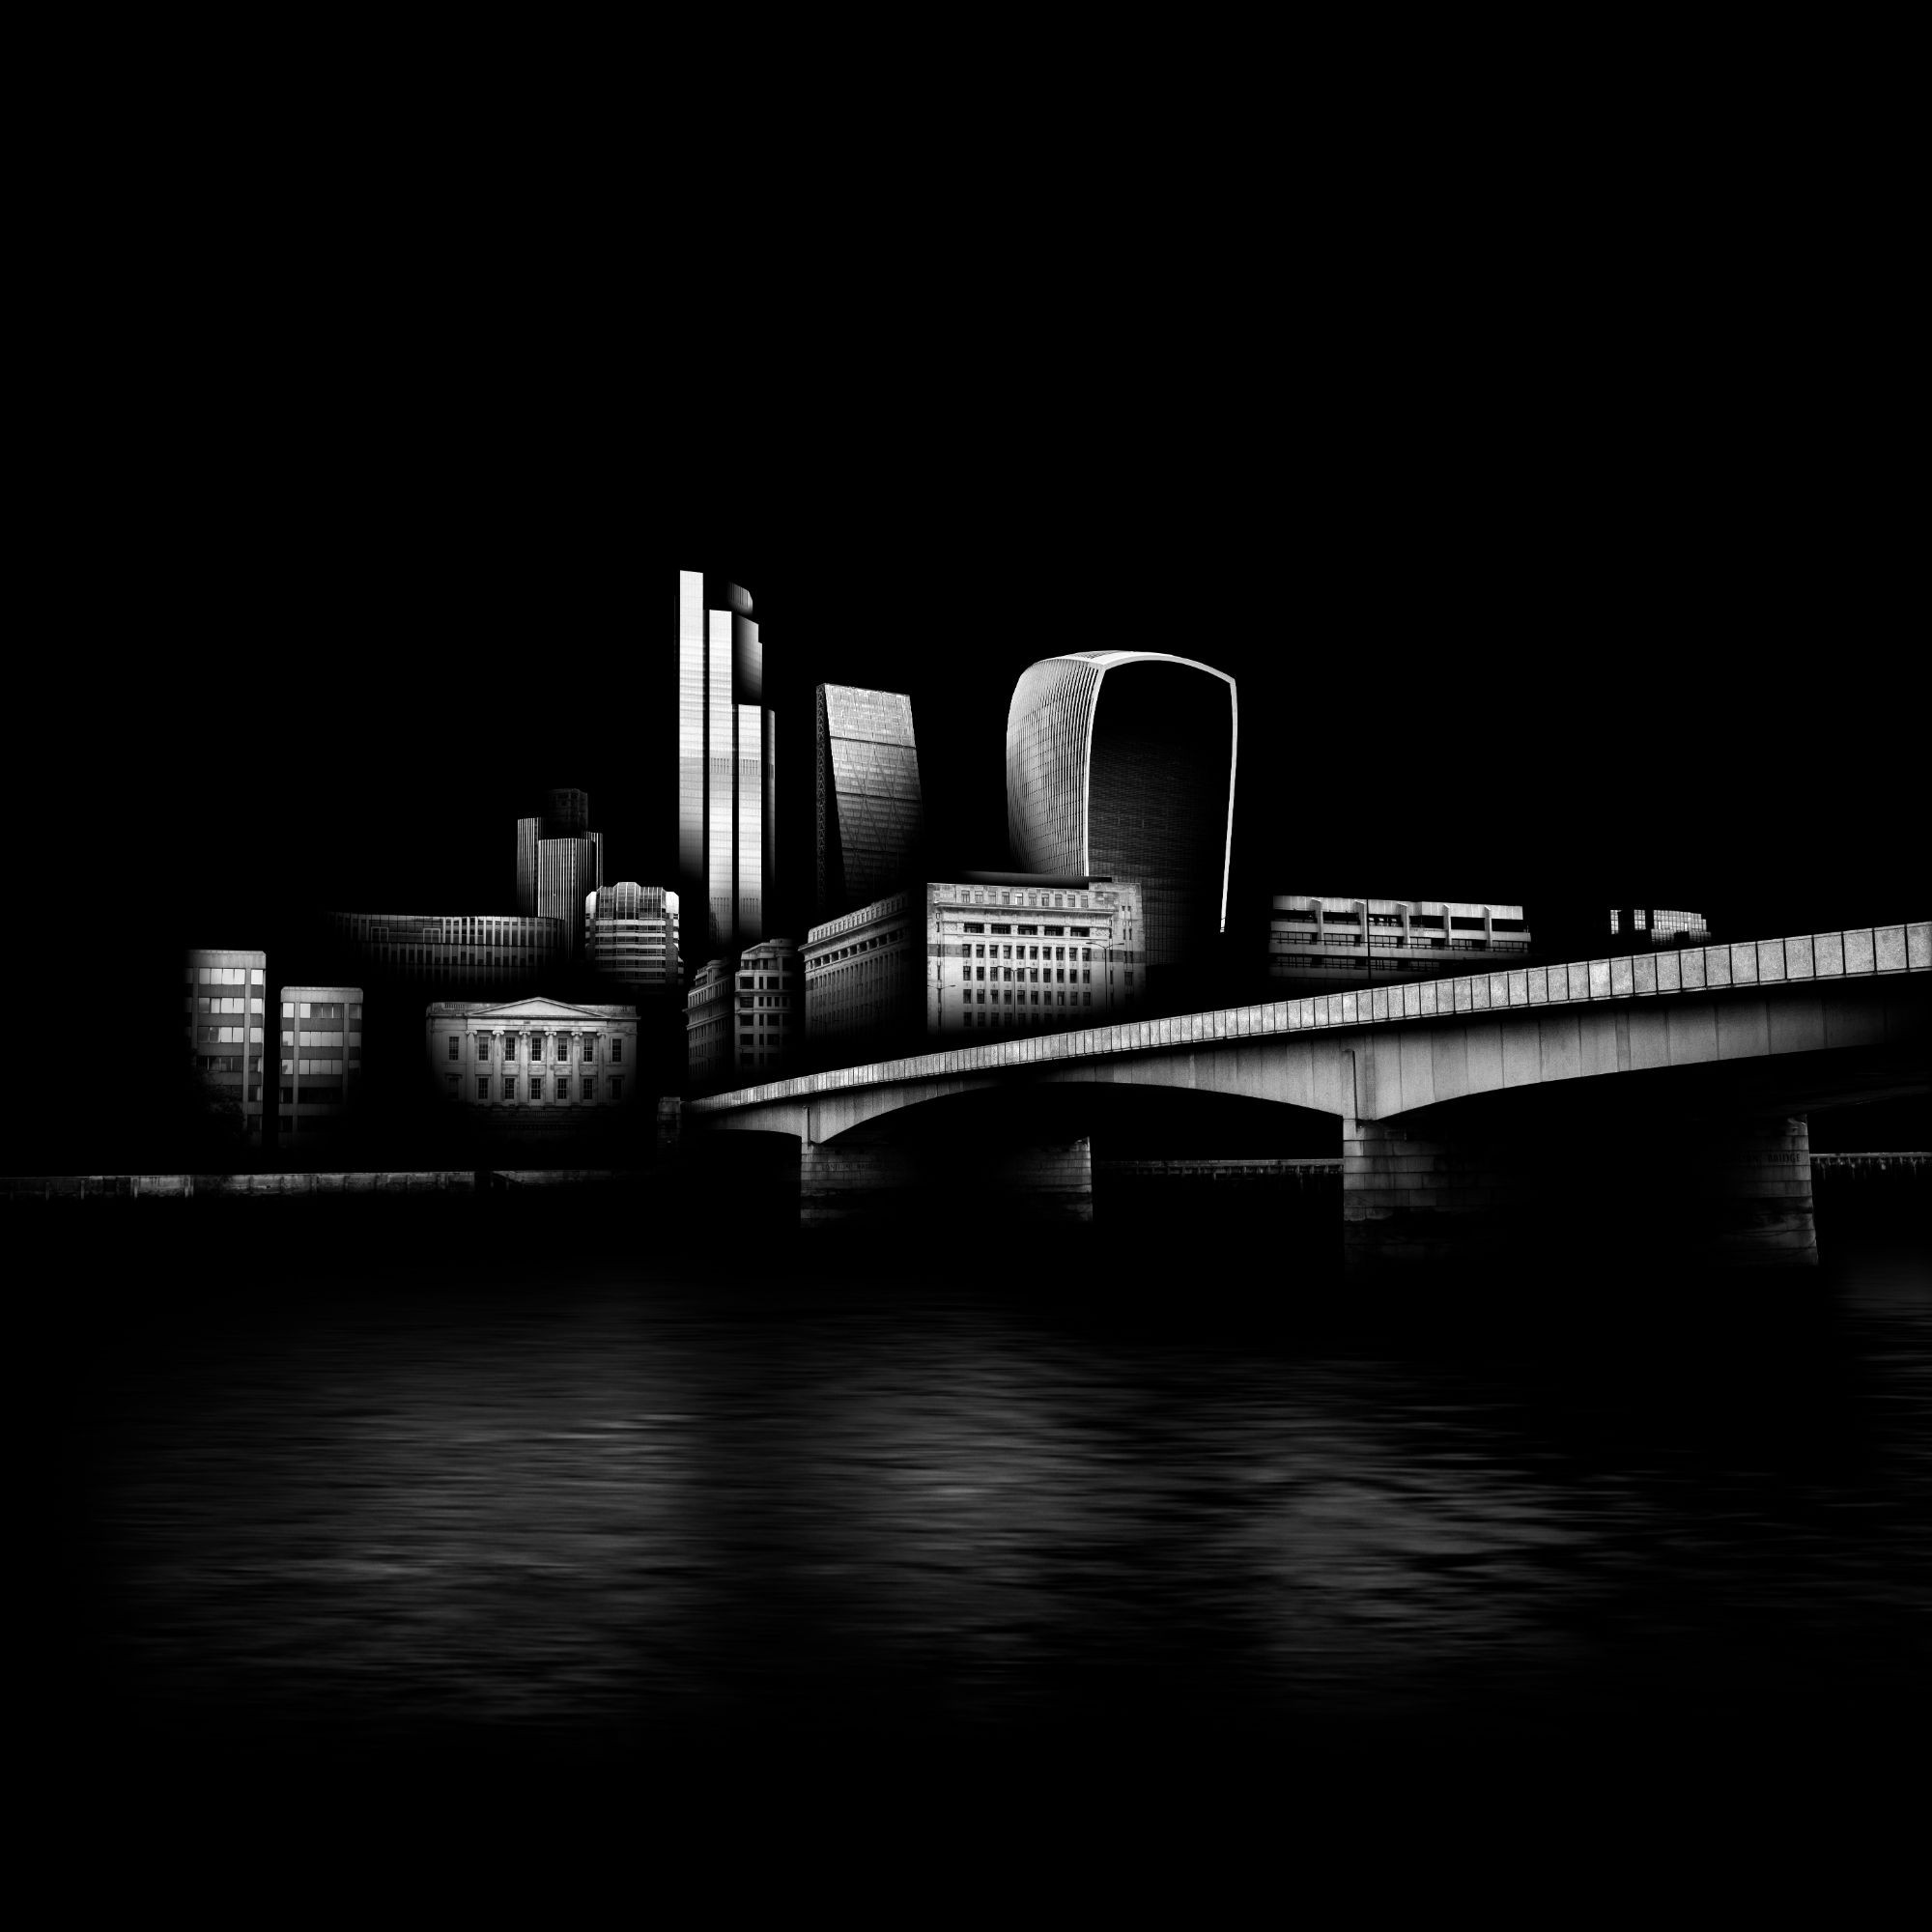 Bankenviertel, Finanzdistrikt London